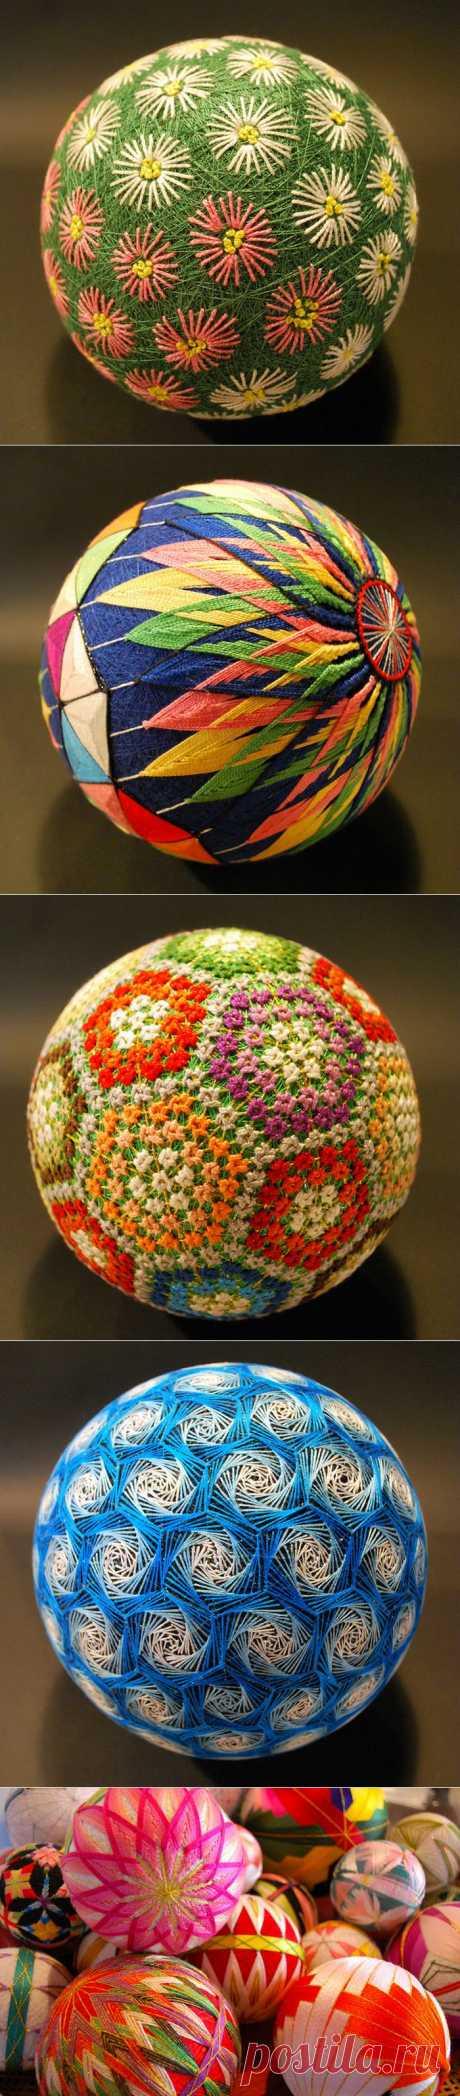 Уникальные шары тэмари от 92-летней мастерицы | Искусство